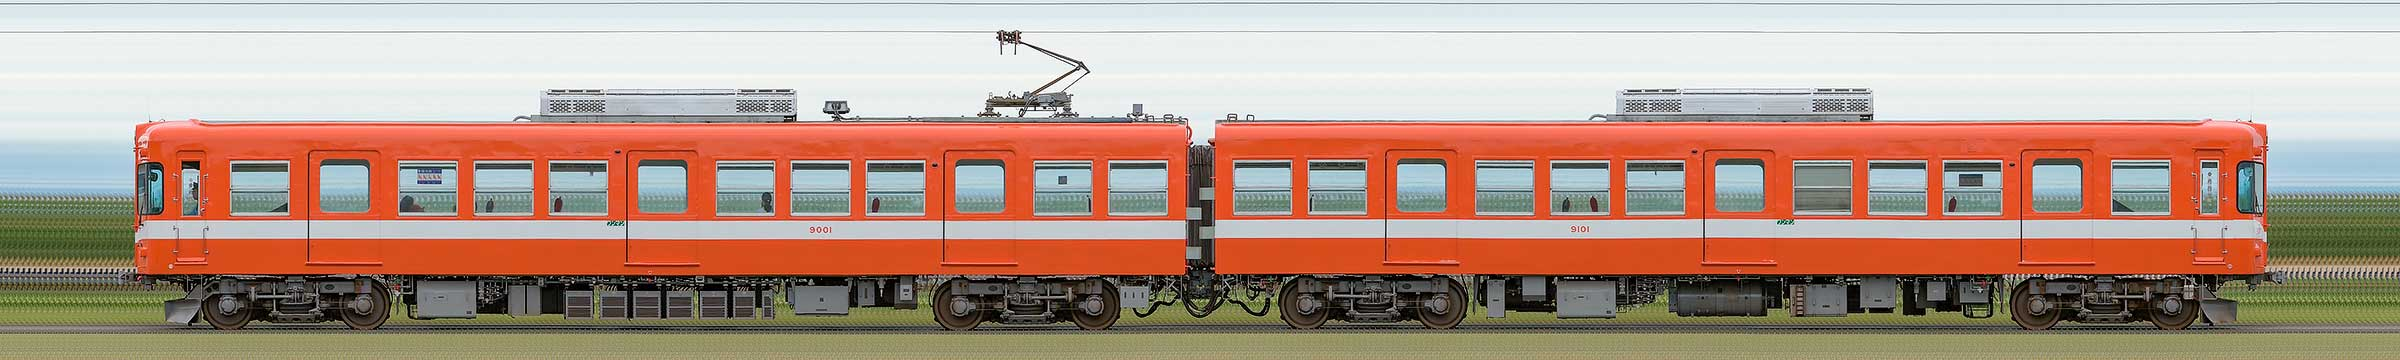 岳南電車9000形モハ9001+クハ9101の編成サイドビュー